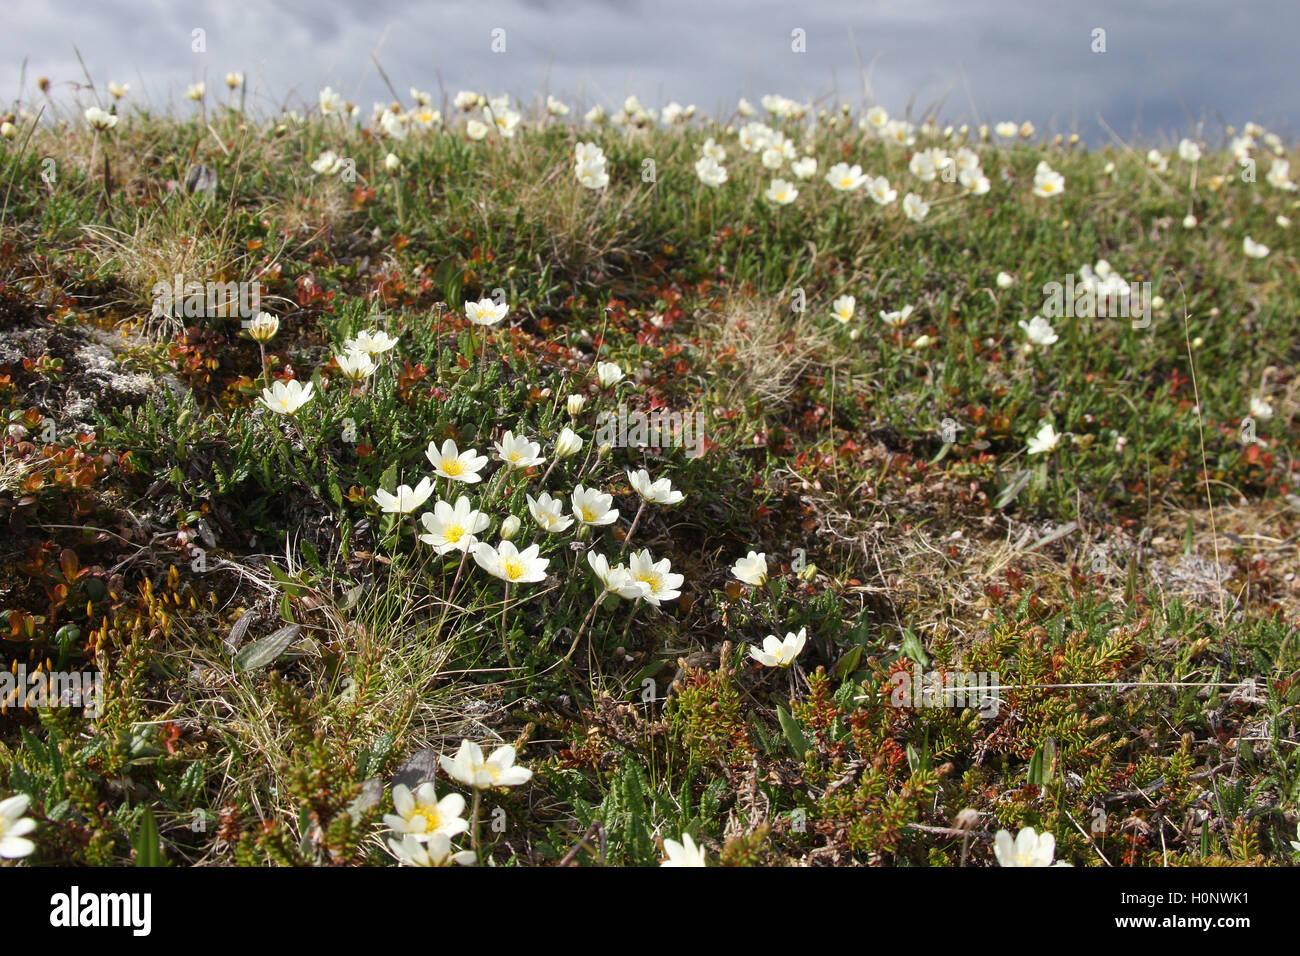 Berg avens (Dryas octopetala), Tundra, Fjäll, Nordnorwegen, Norwegen, Skandinavien Stockbild